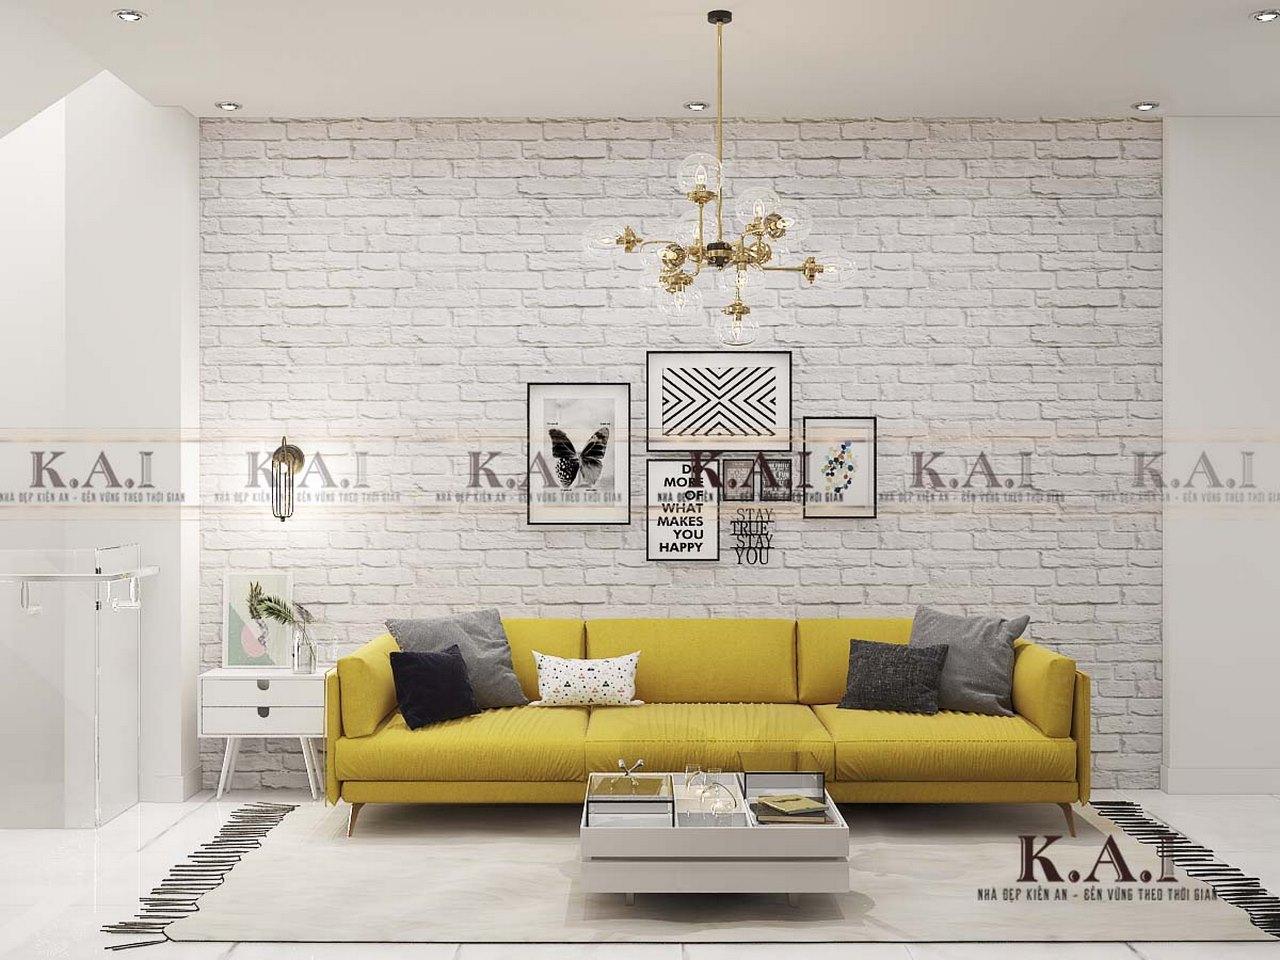 Thiết kế nội thất nhà hẹp 28m2 hiện đại – Chị Nhi, TP.HCM